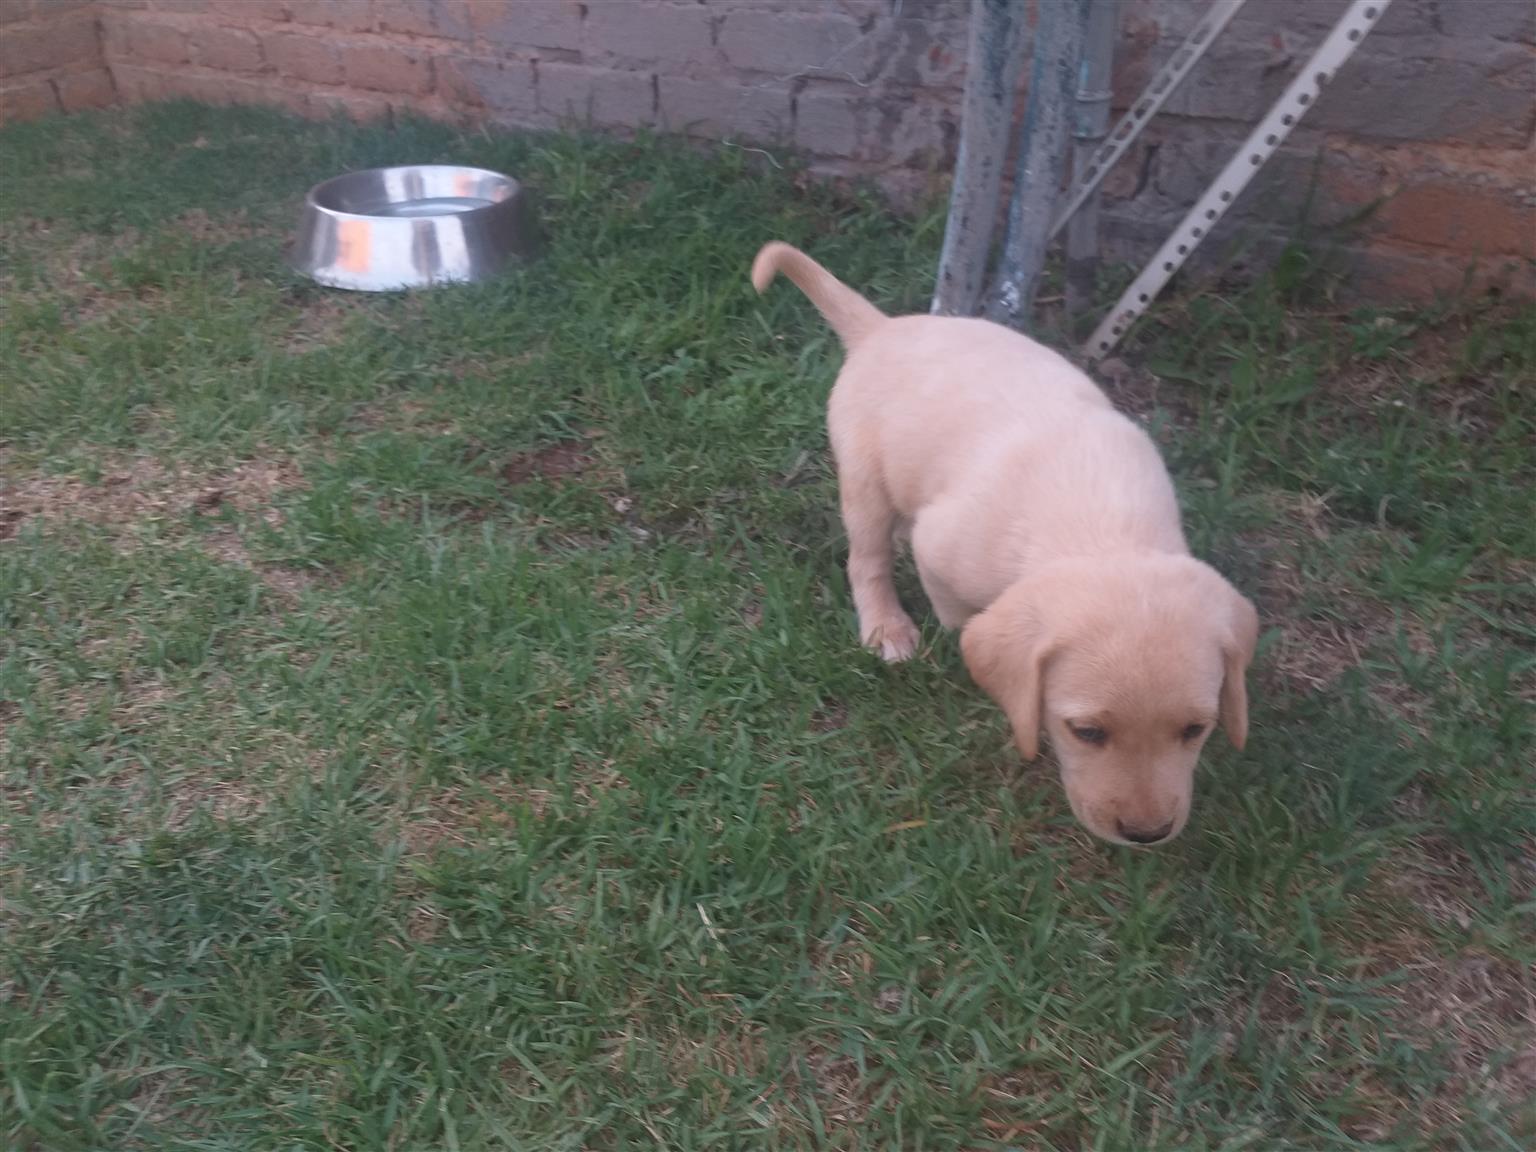 Pure bred Labrador puppy